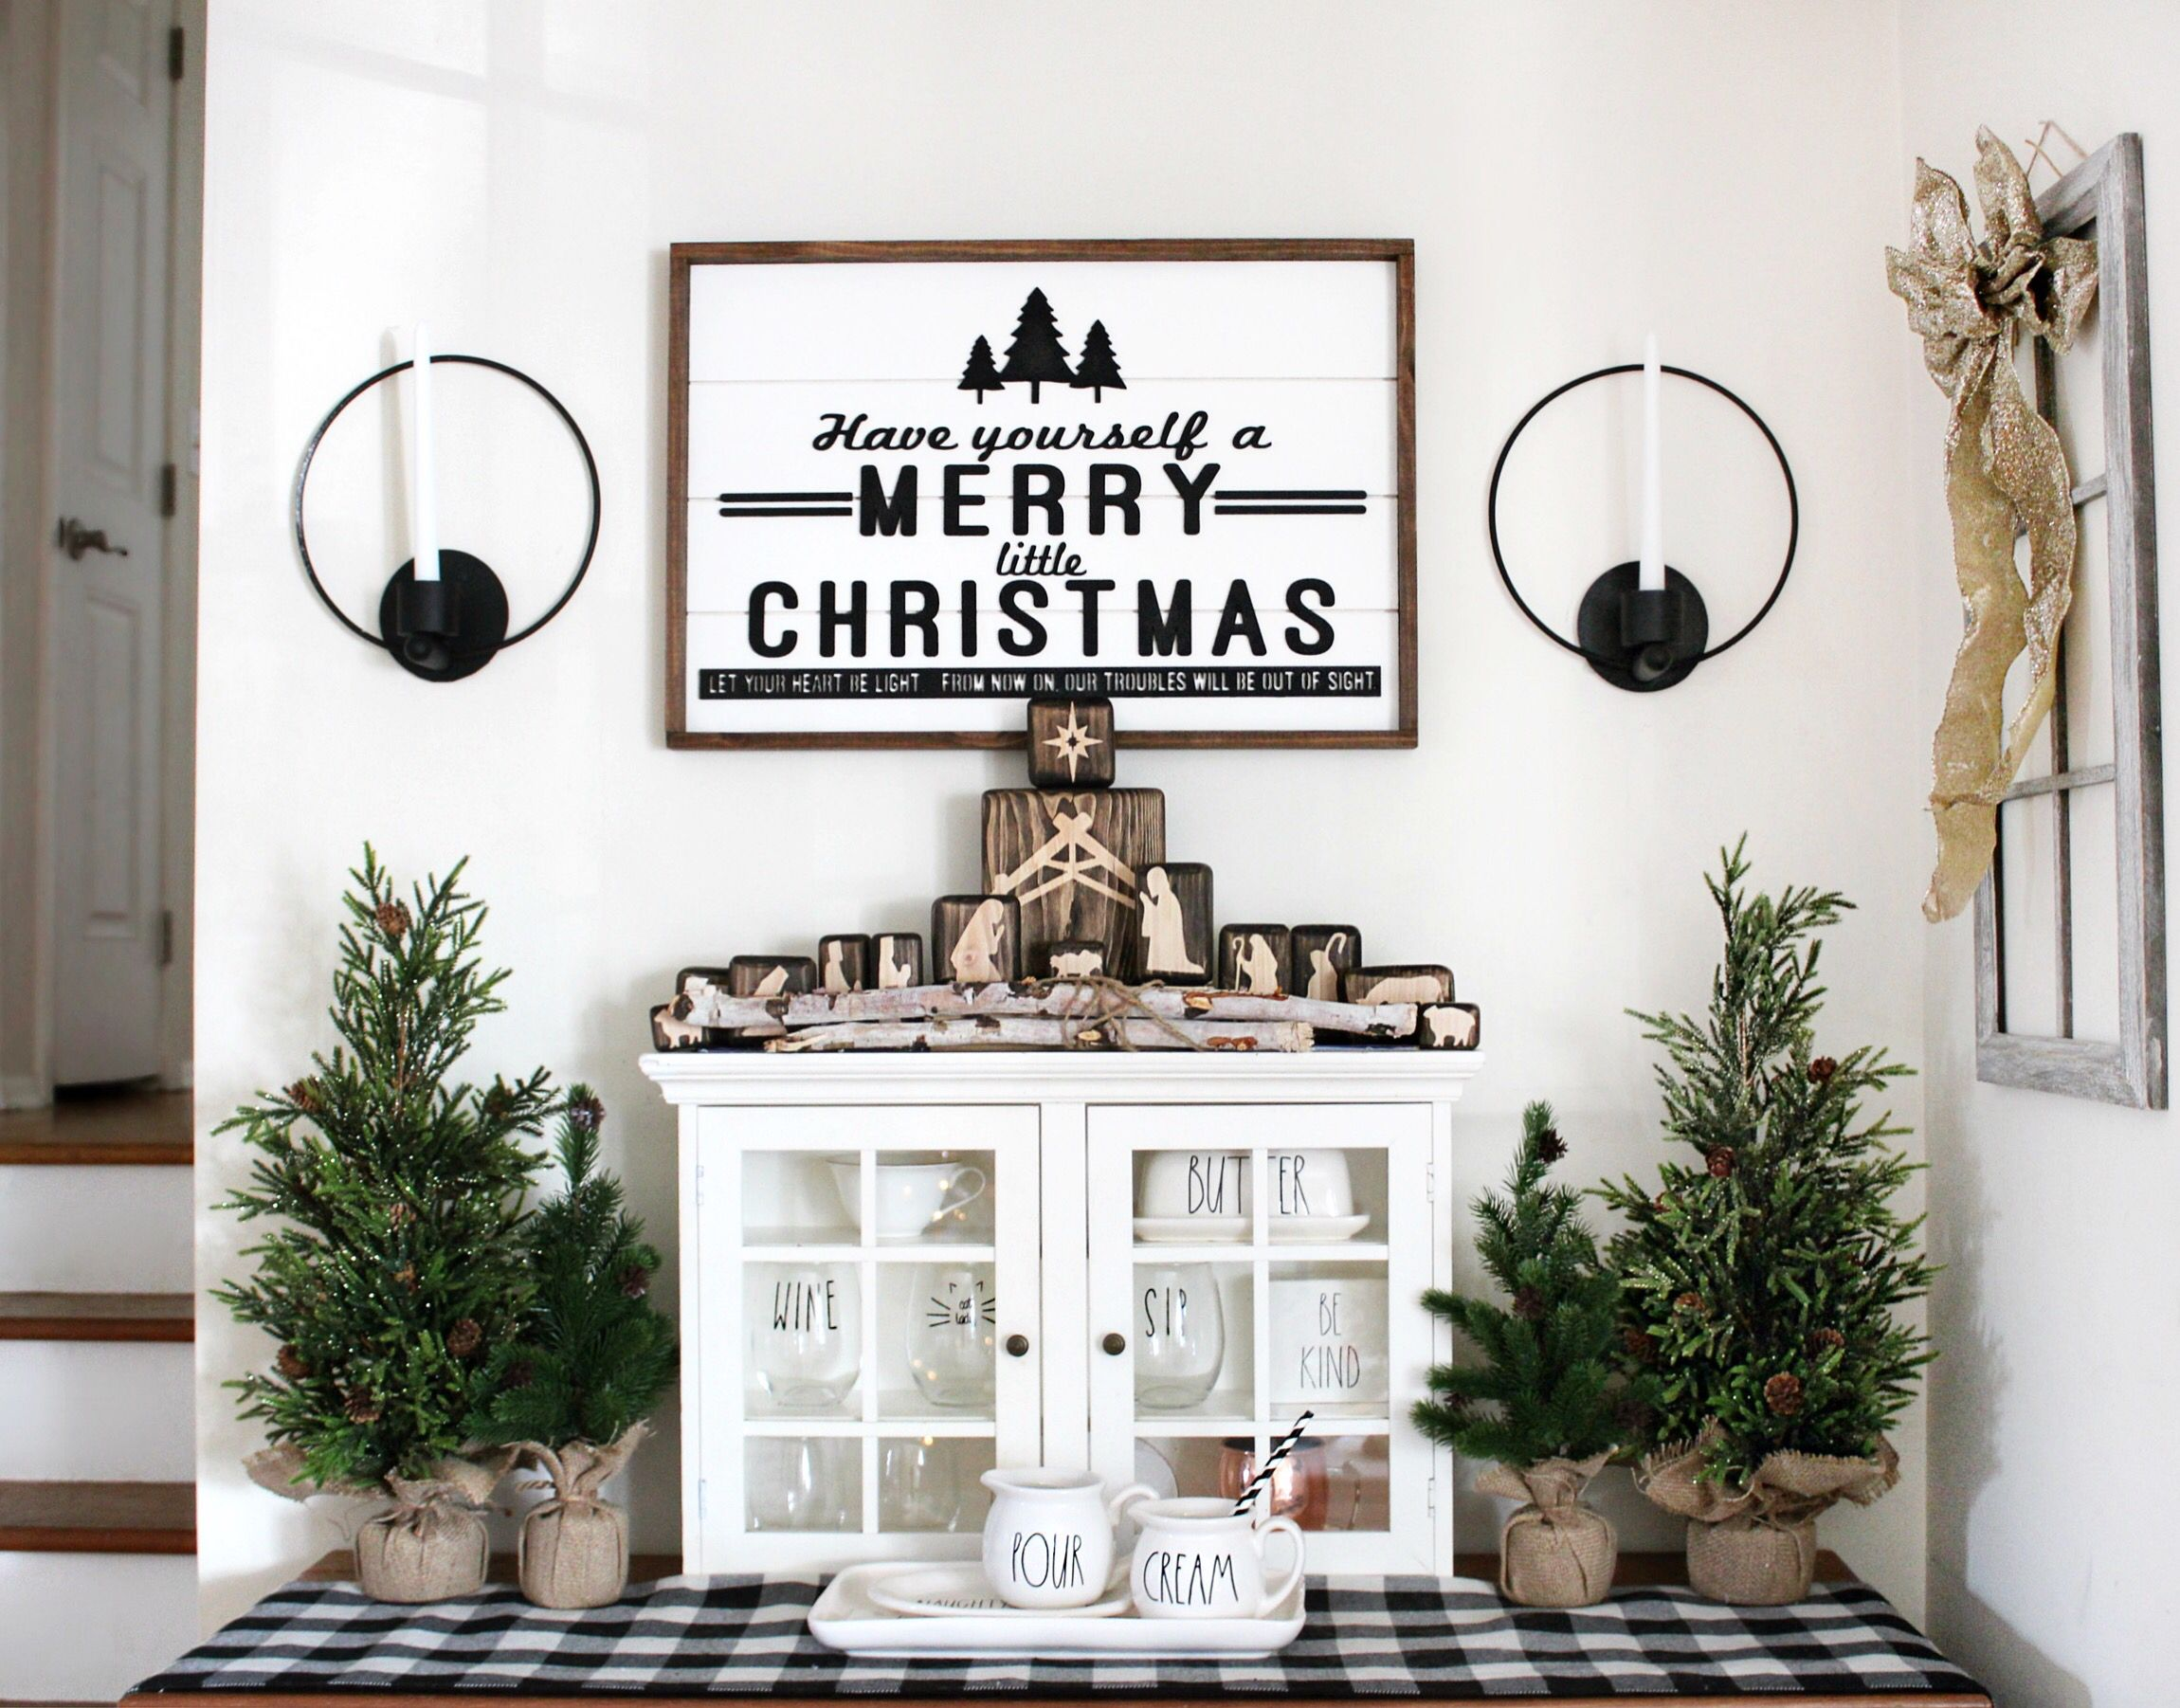 Christmas decor farmhouse style target home rae dunn